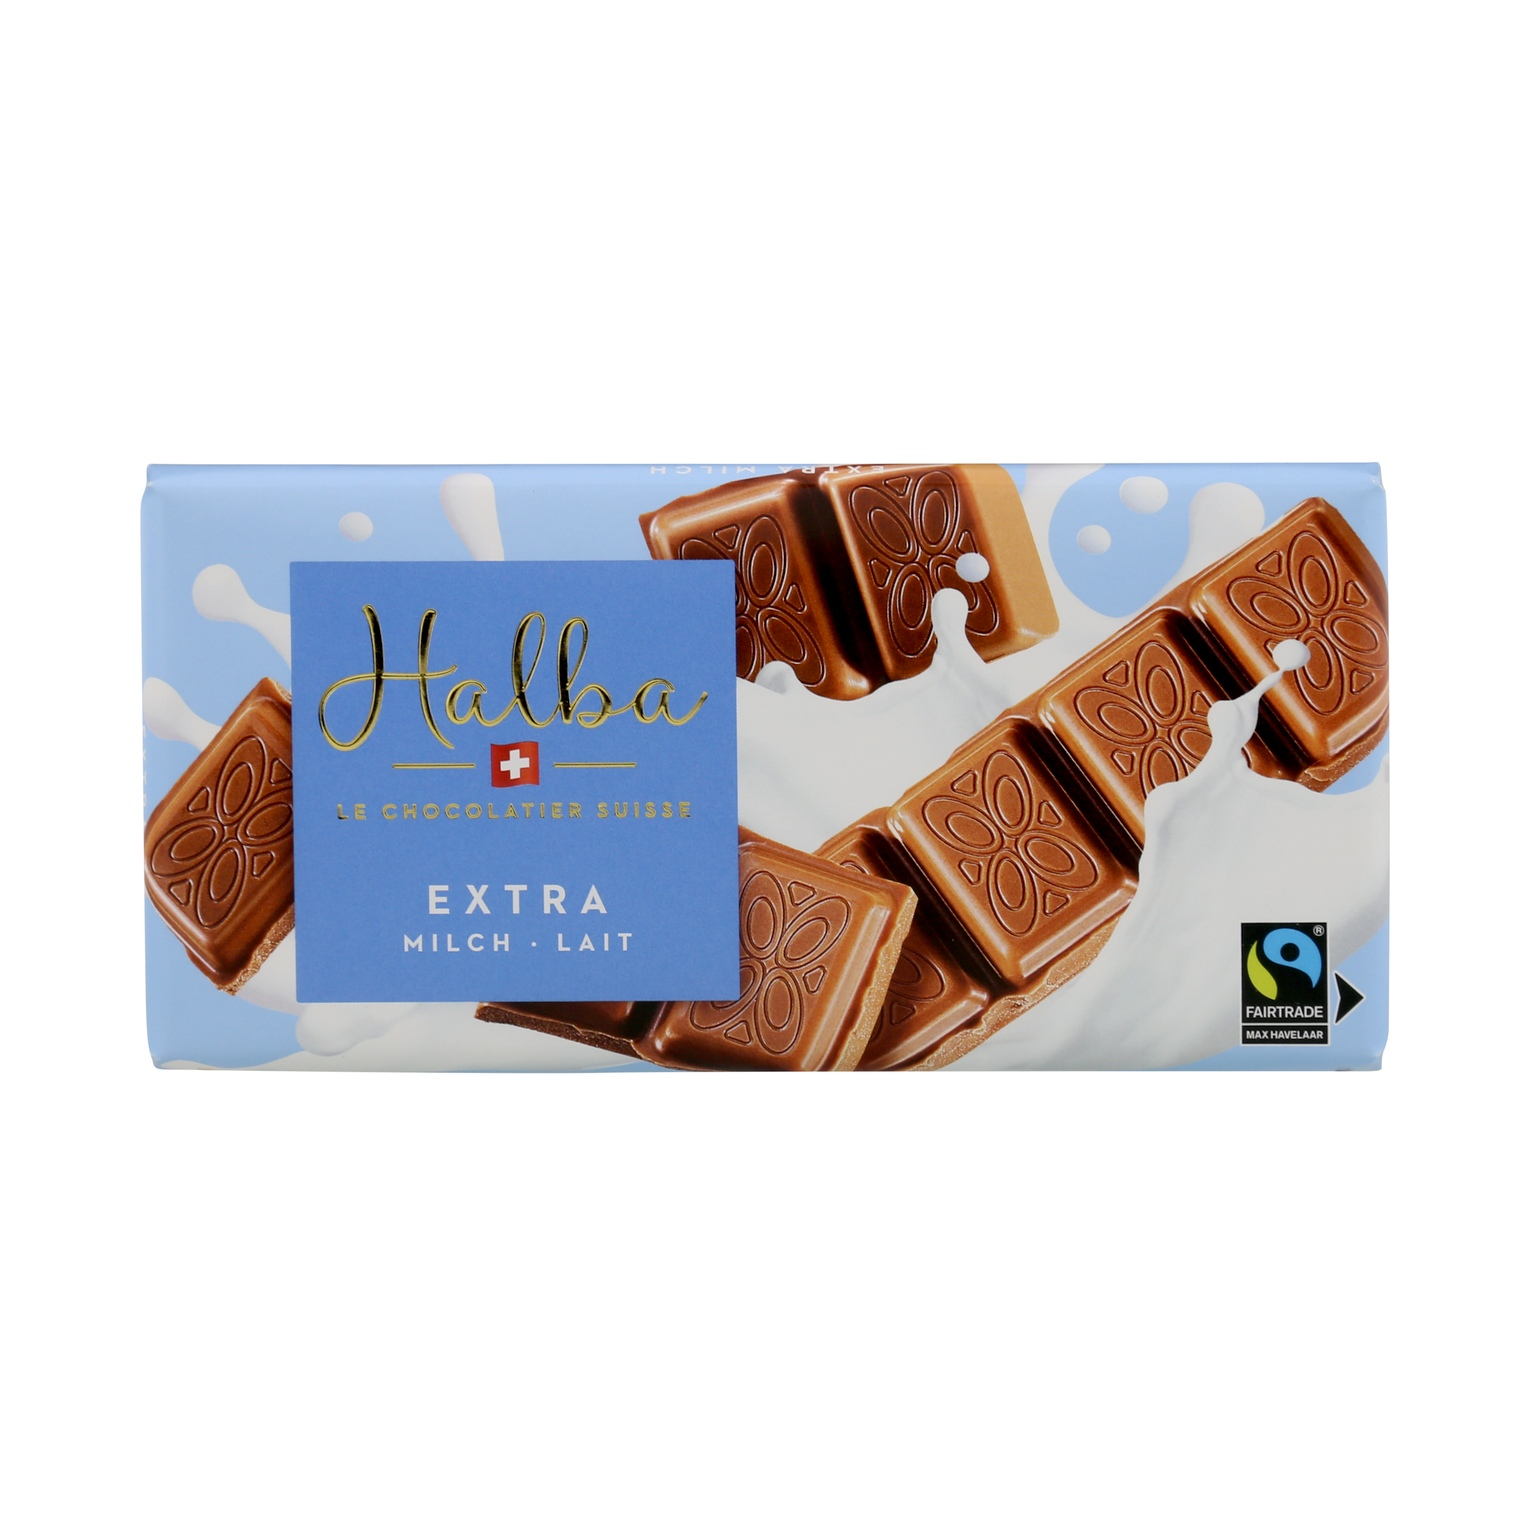 Schweizer Milchschokolade extra